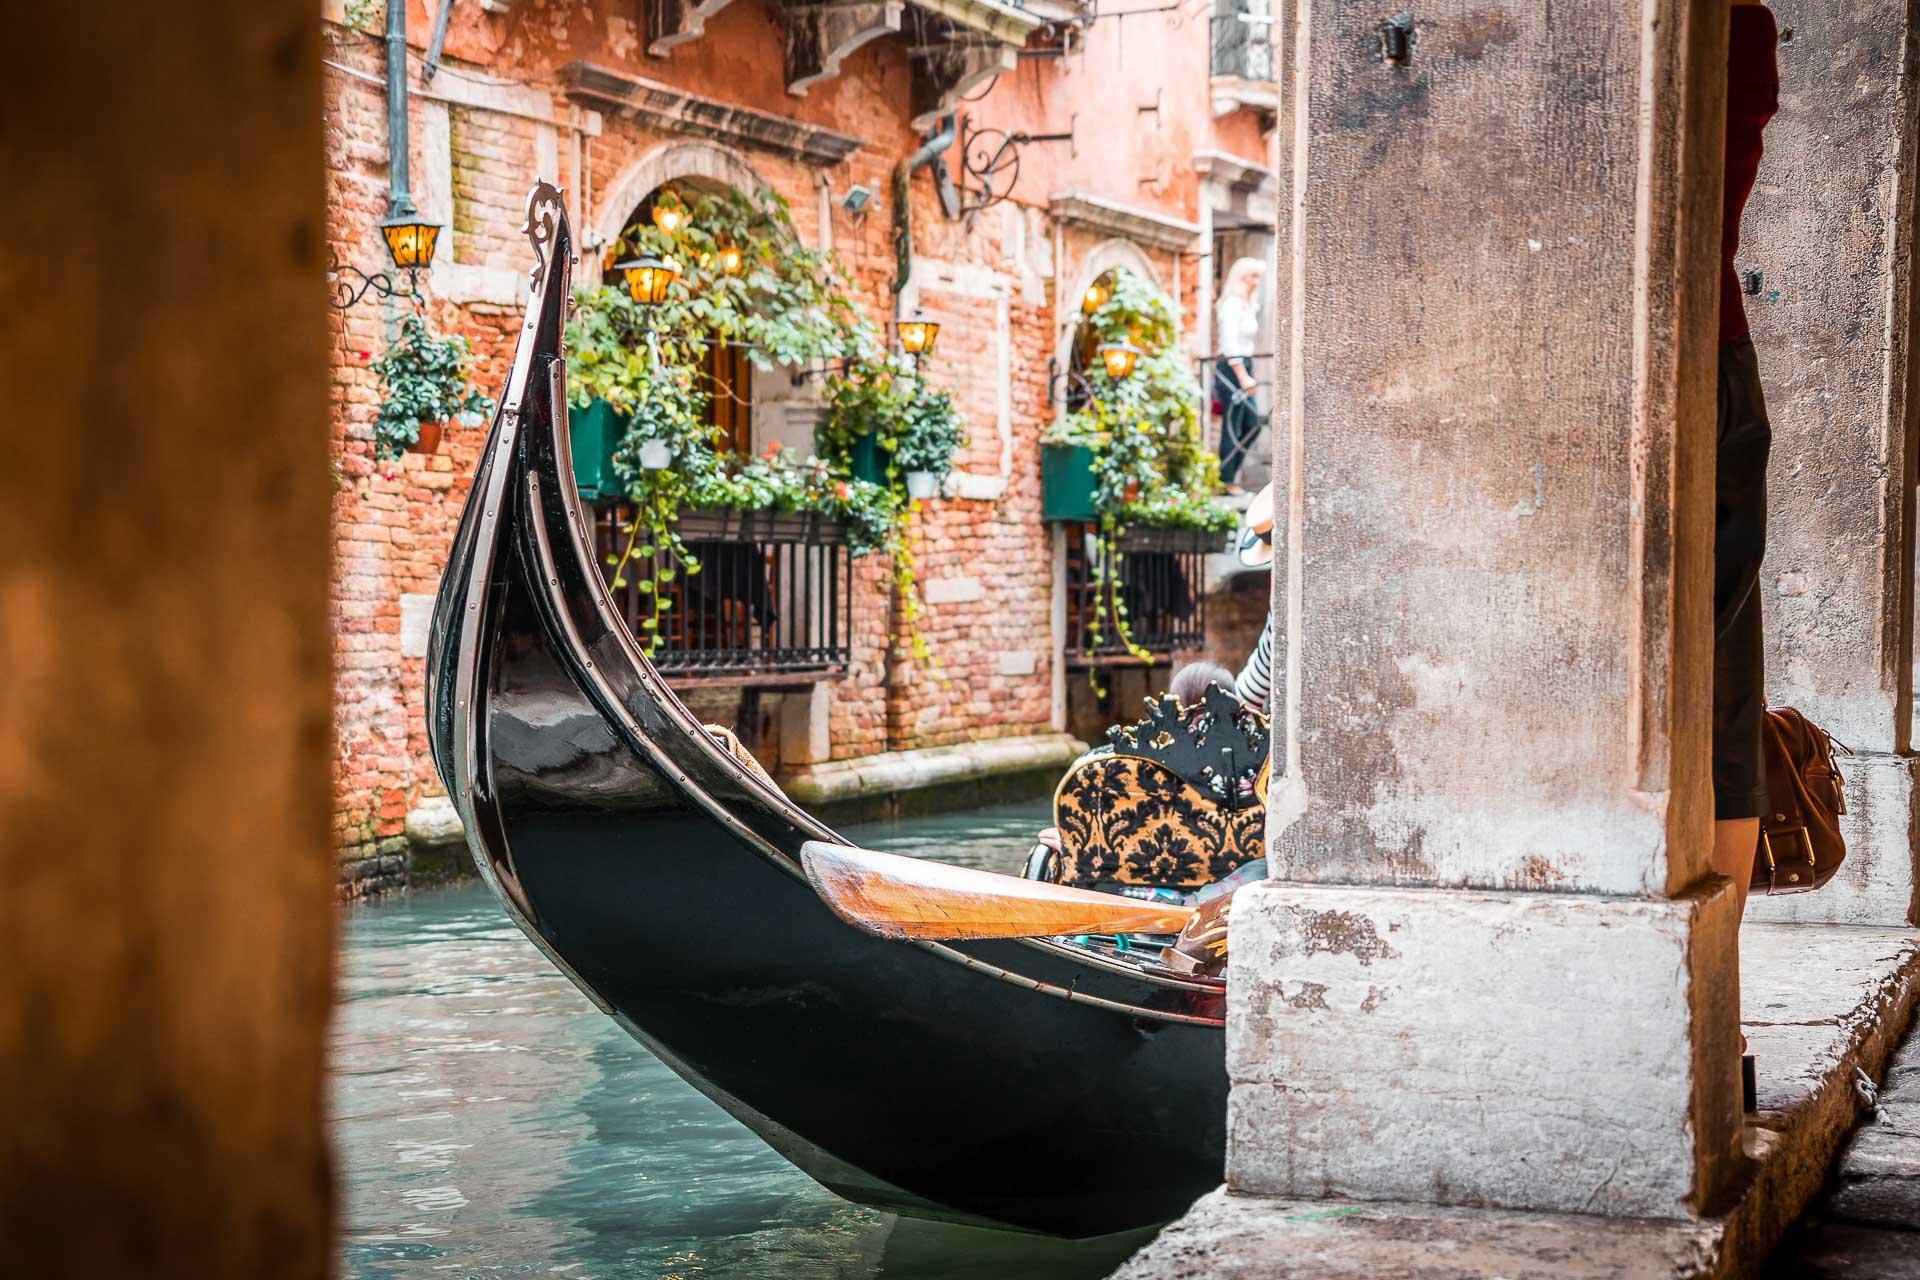 Venise- Luxpérience Eluxtravel - Hors des canaux battus